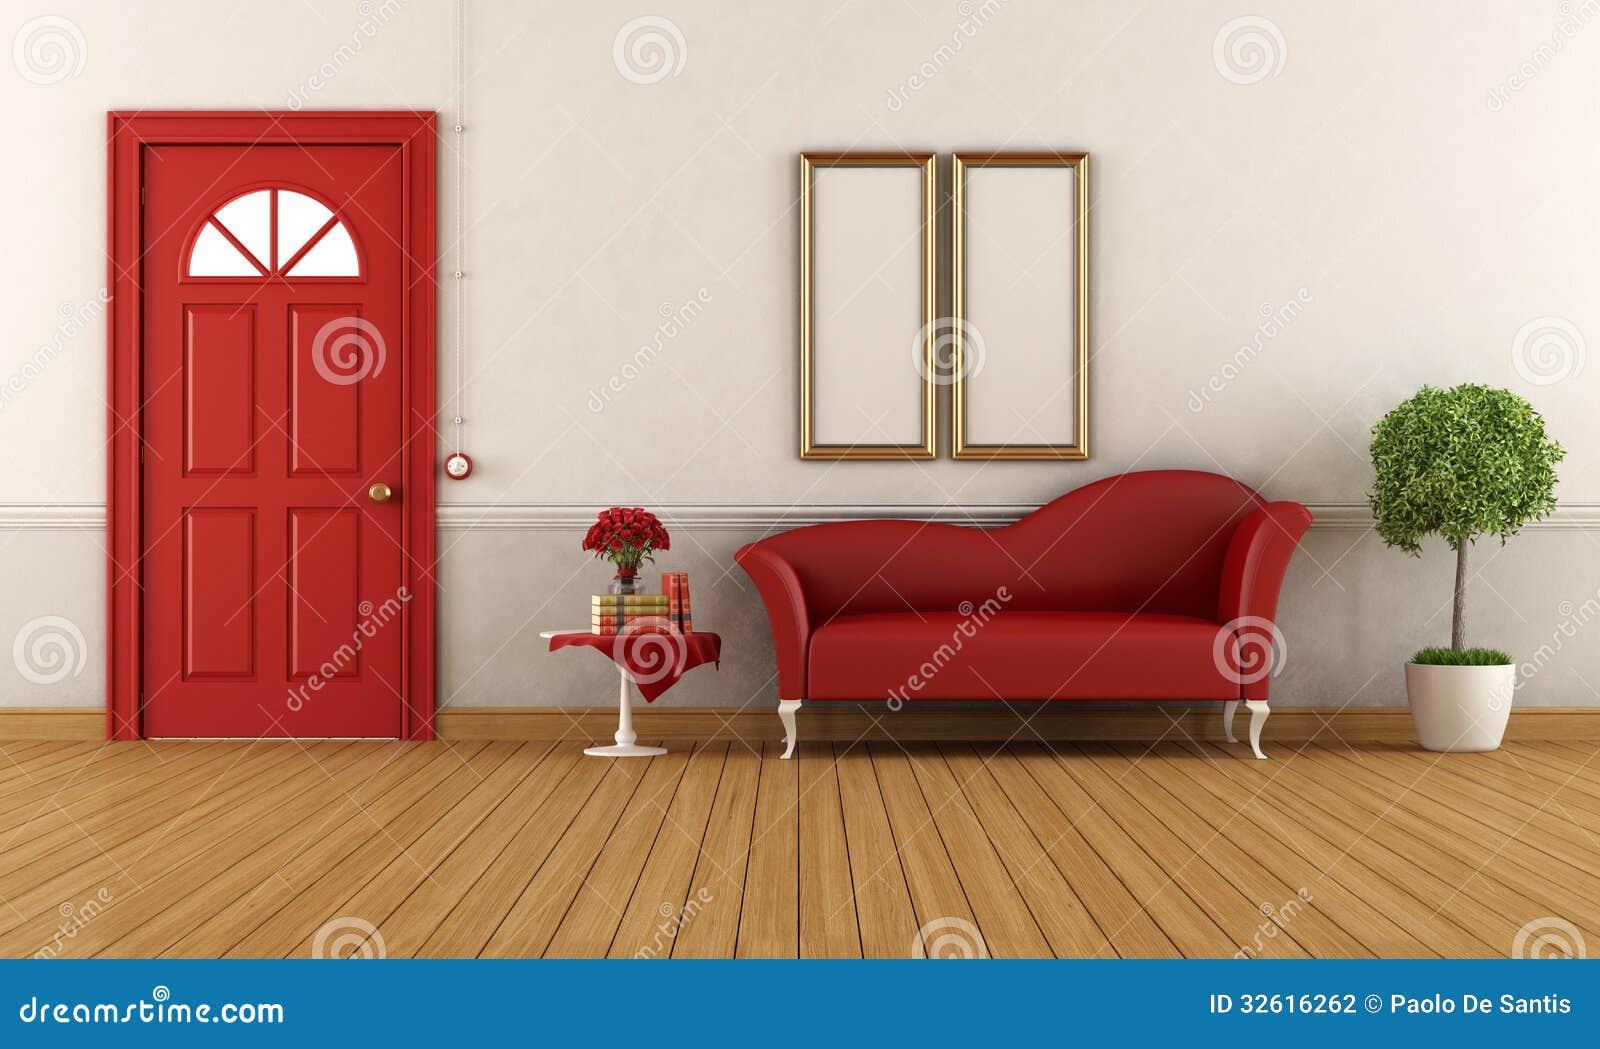 Entrada home vermelha e branca